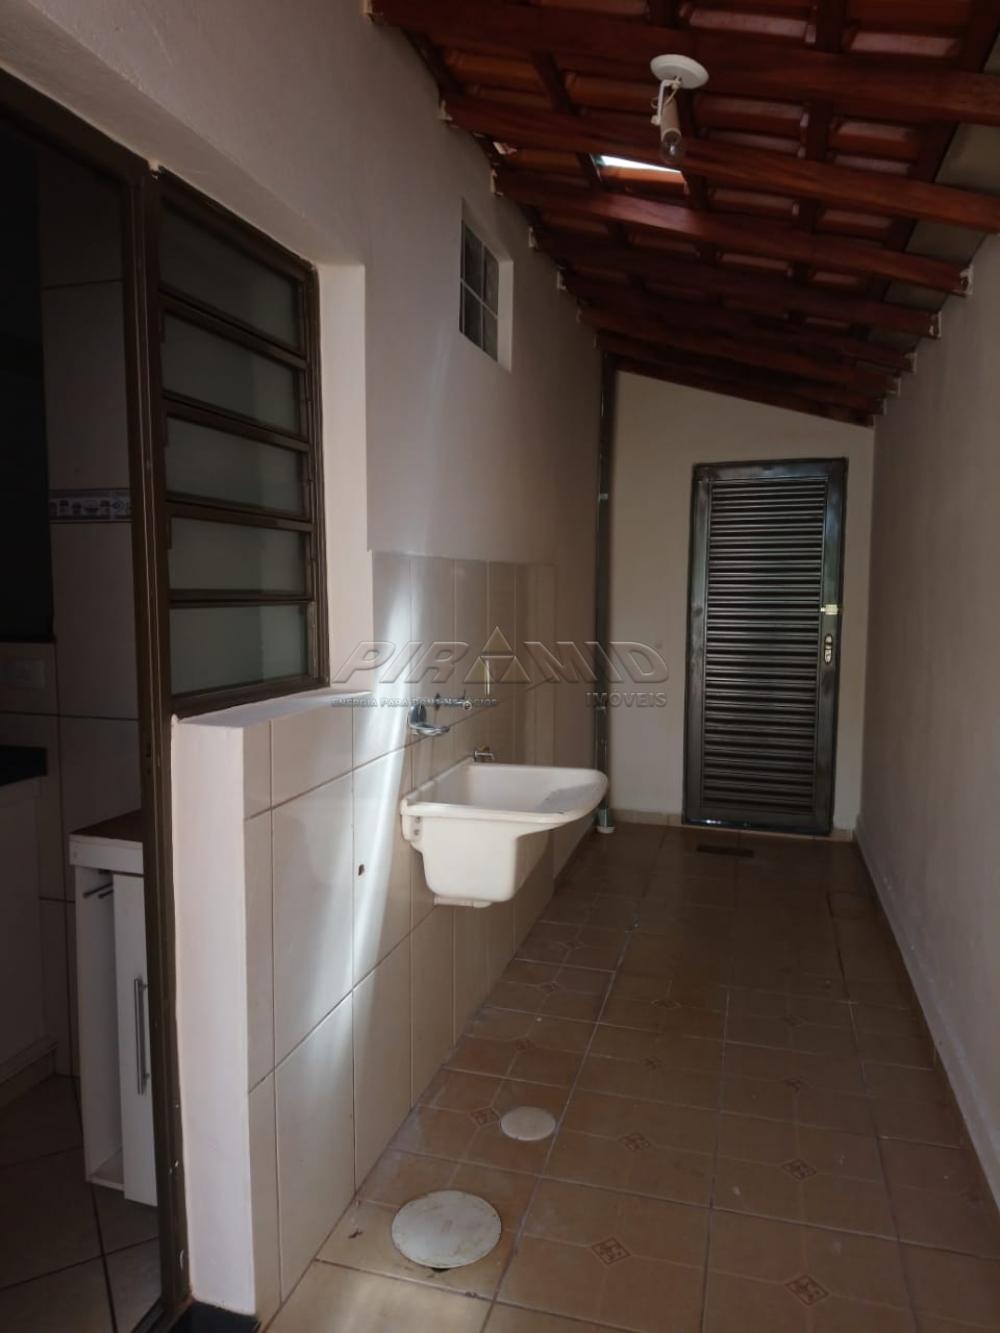 Alugar Casa / Padrão em Ribeirão Preto R$ 1.100,00 - Foto 14